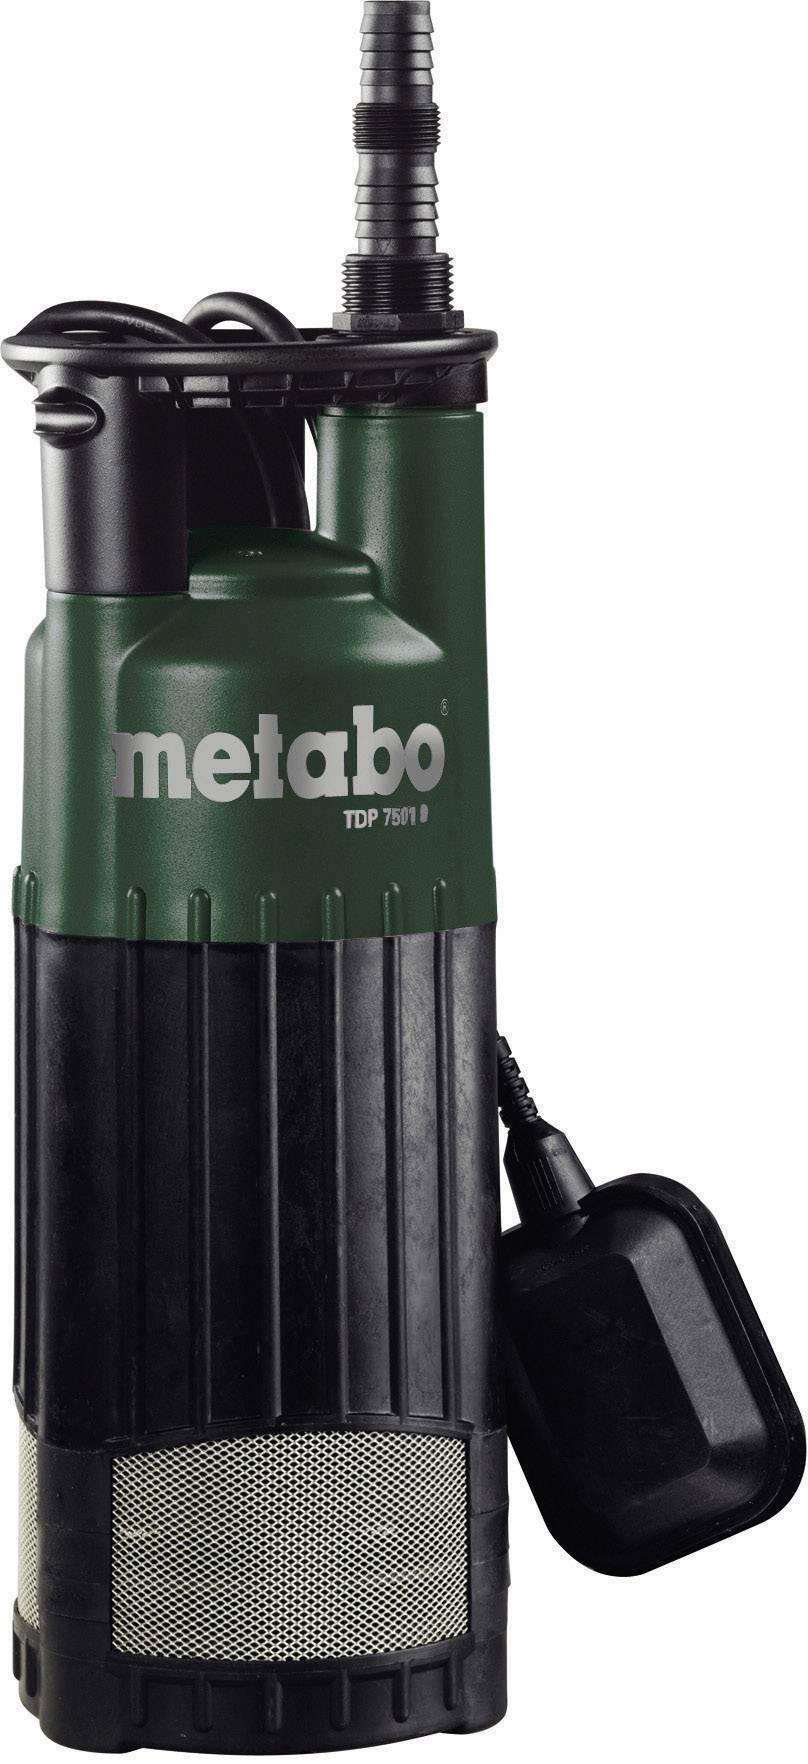 Metabo 0250750100 Tauchdruck-Pumpe  7500 l/h 34 m